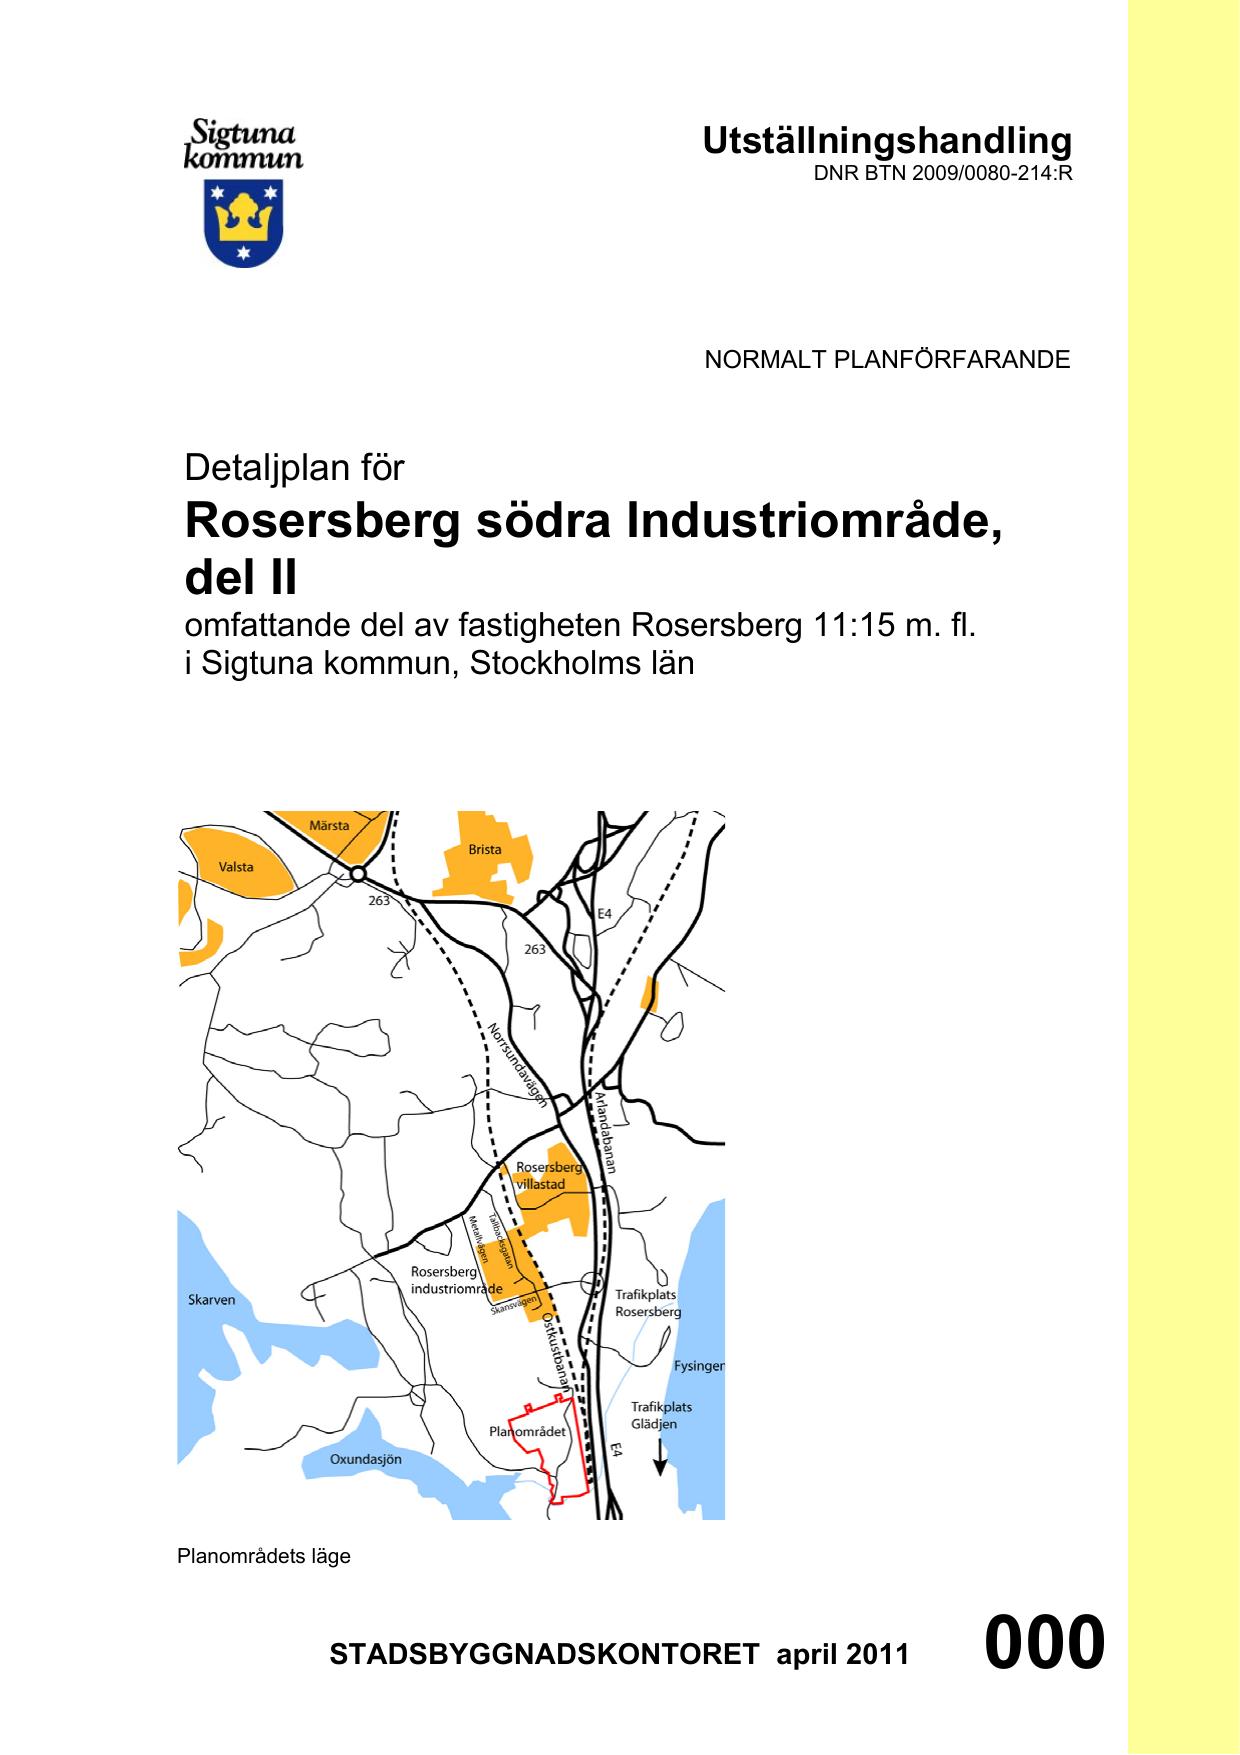 Rosersberg far kombiterminal for omlastning 3